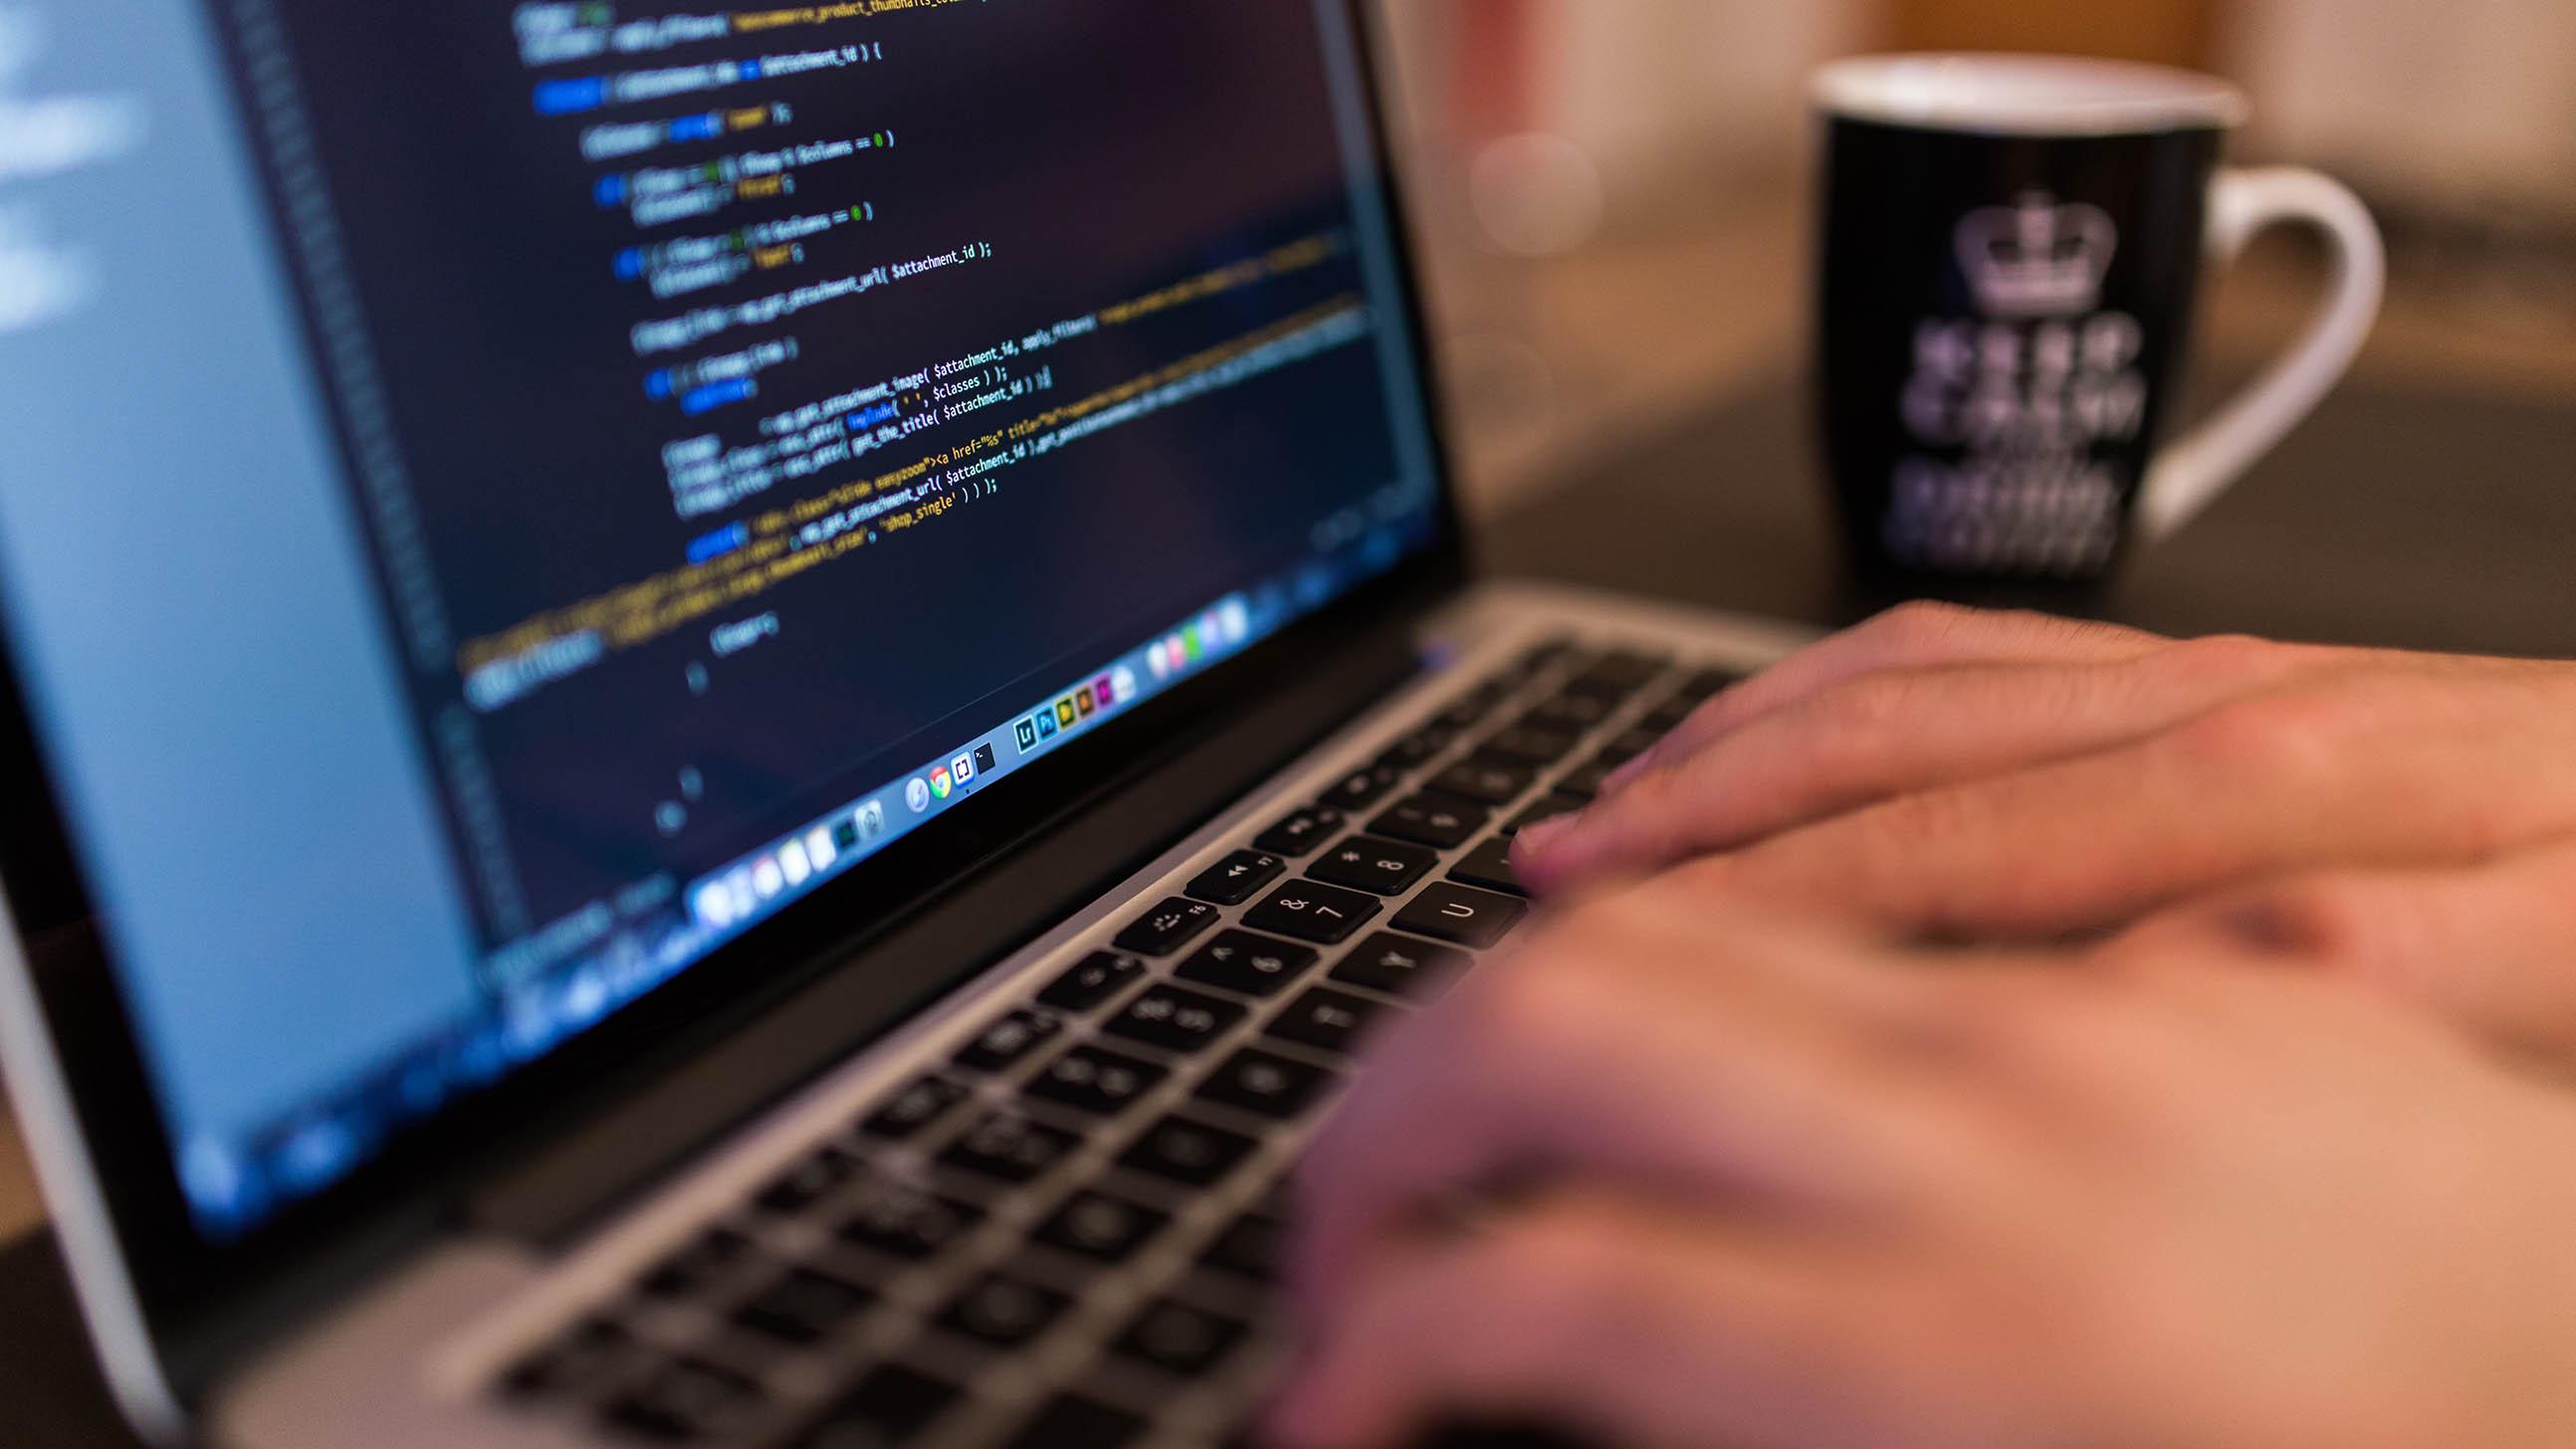 На основе чего создается Интернет вещей: языки программирования